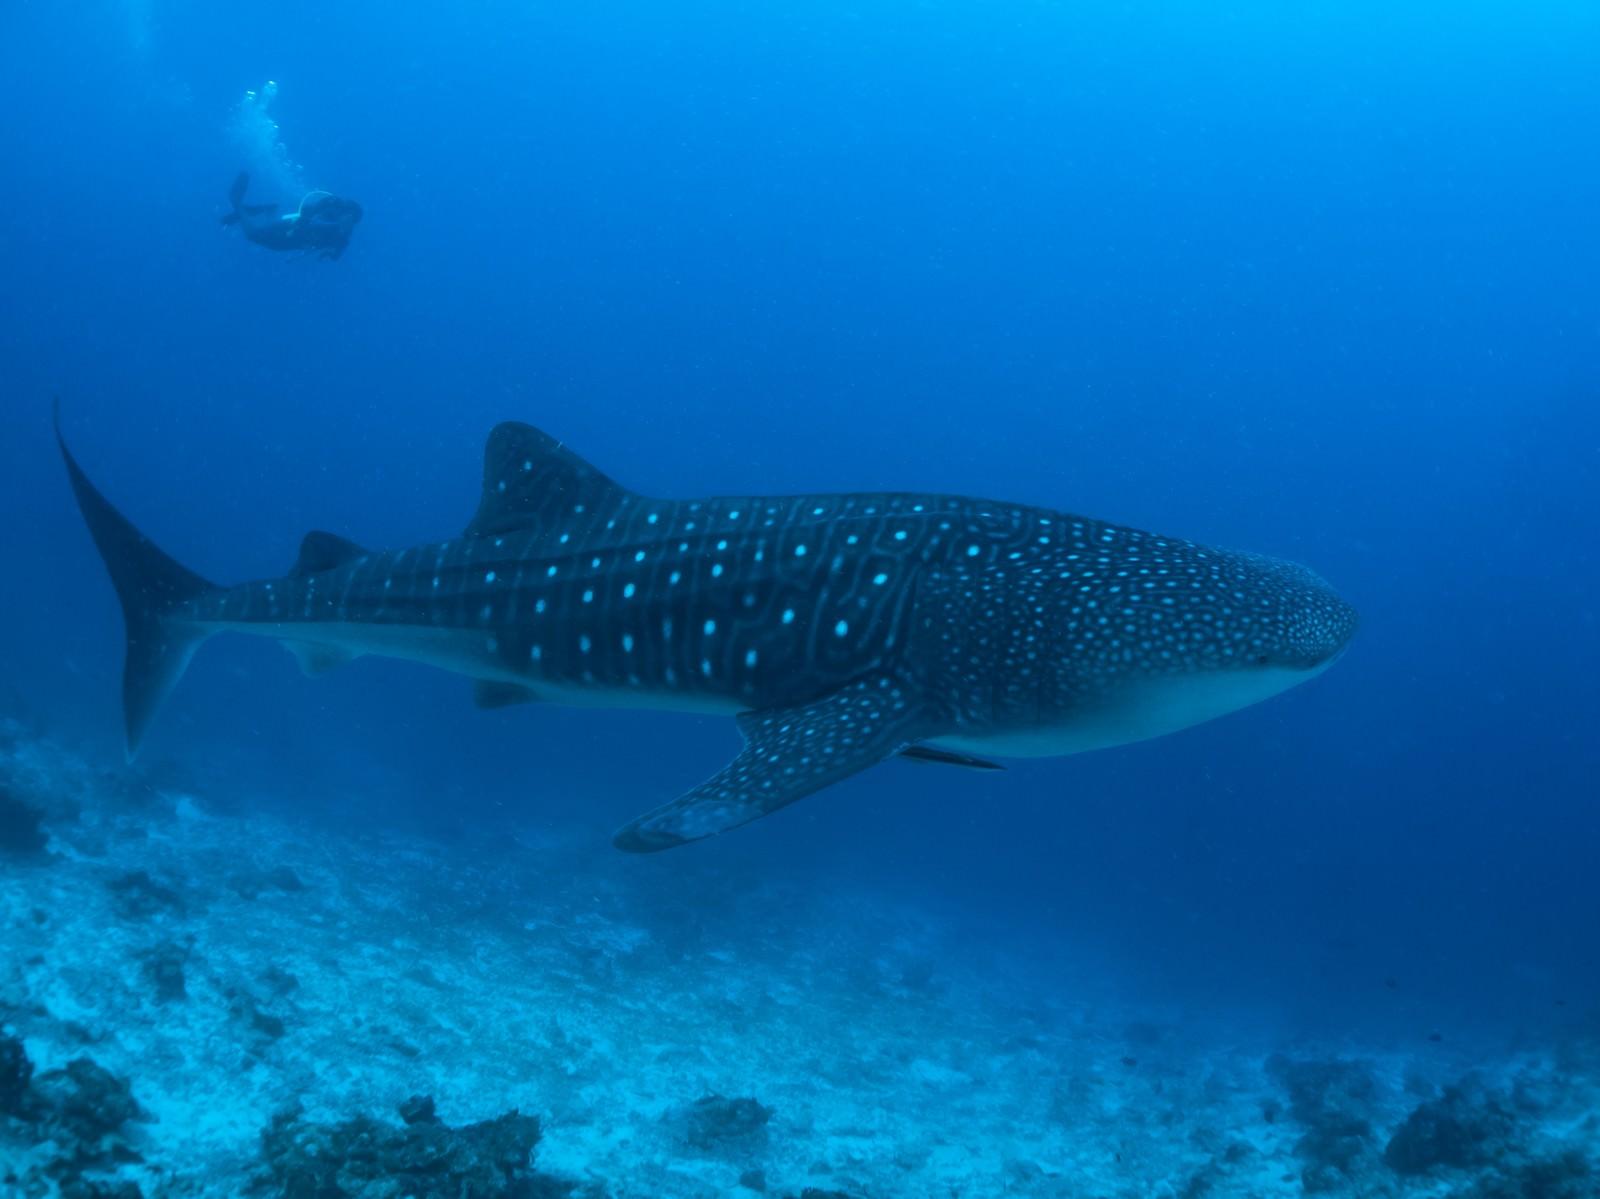 「海中を泳ぐジンベイザメとダイビング中のカメラマン」の写真